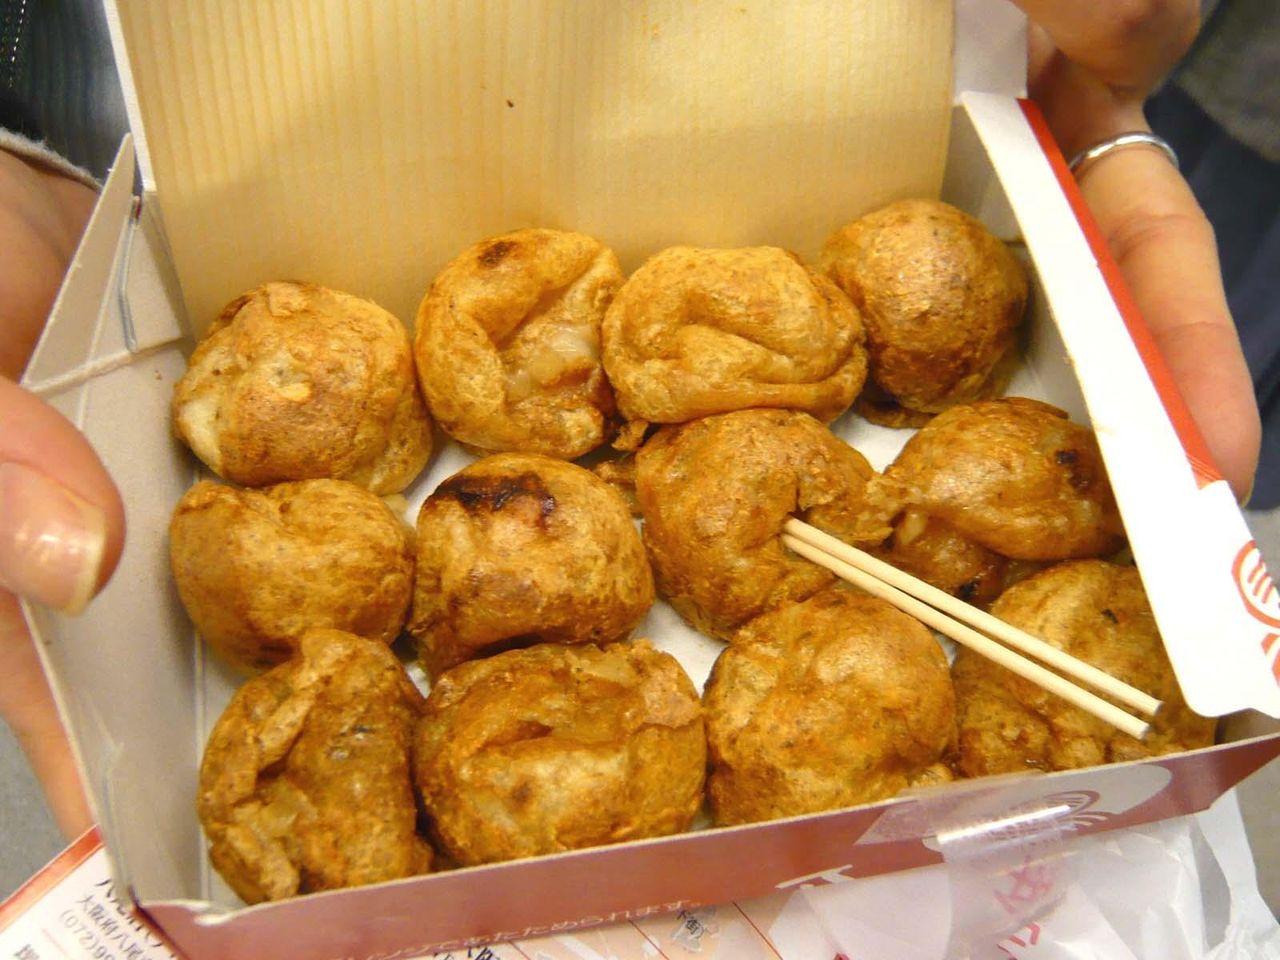 「美味しんぼ」で紹介された、元祖たこ焼き12個400円